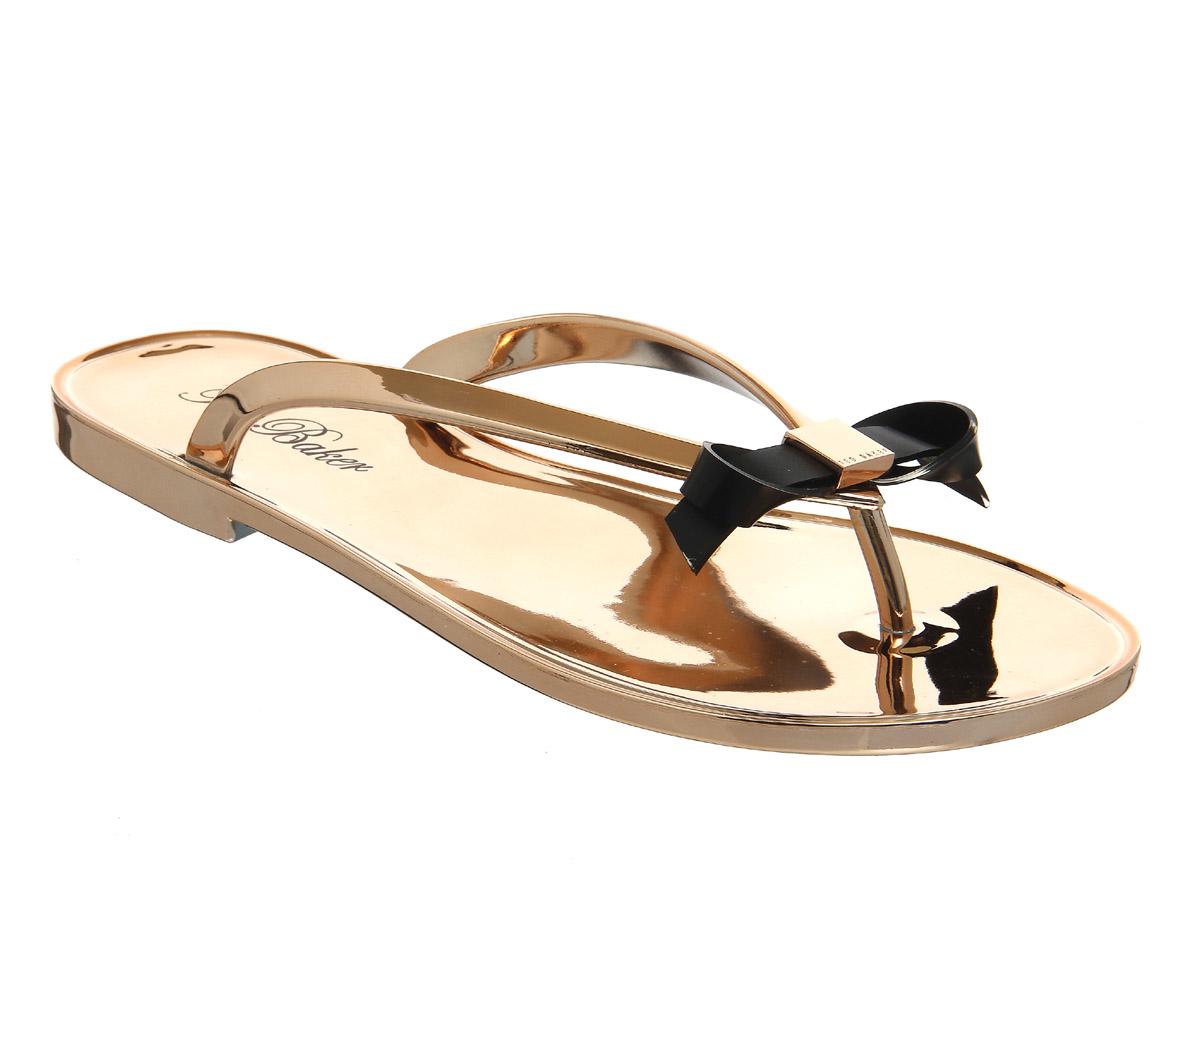 49bfd559c Lyst - Ted Baker Heebei Sandals in Metallic